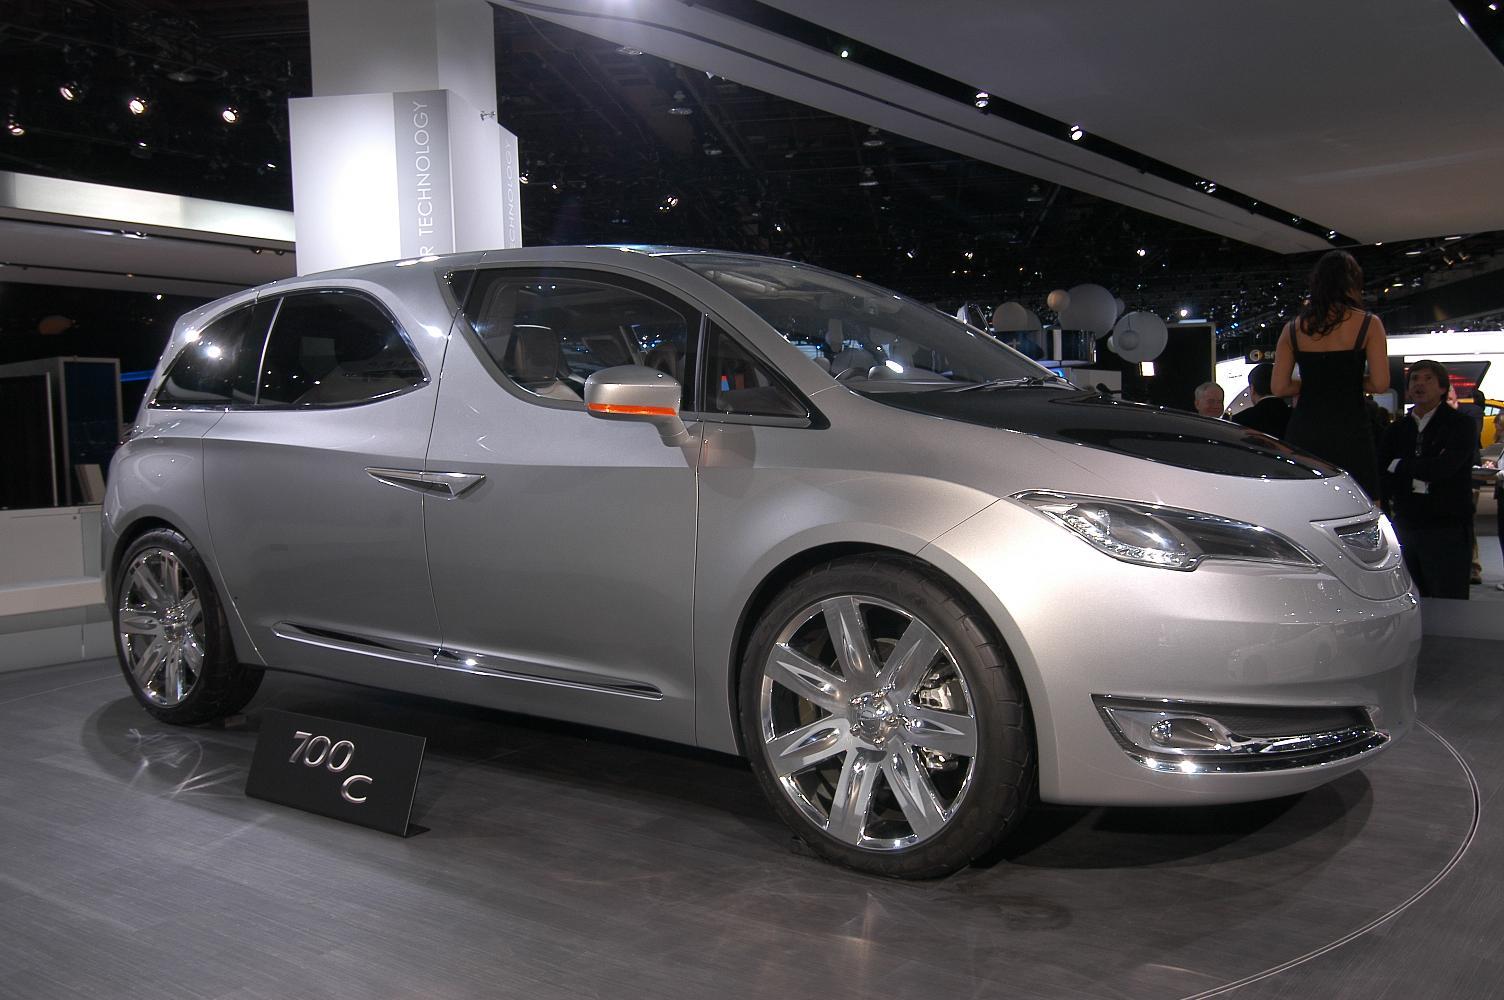 Chrysler 700C NAIAS 2012 5